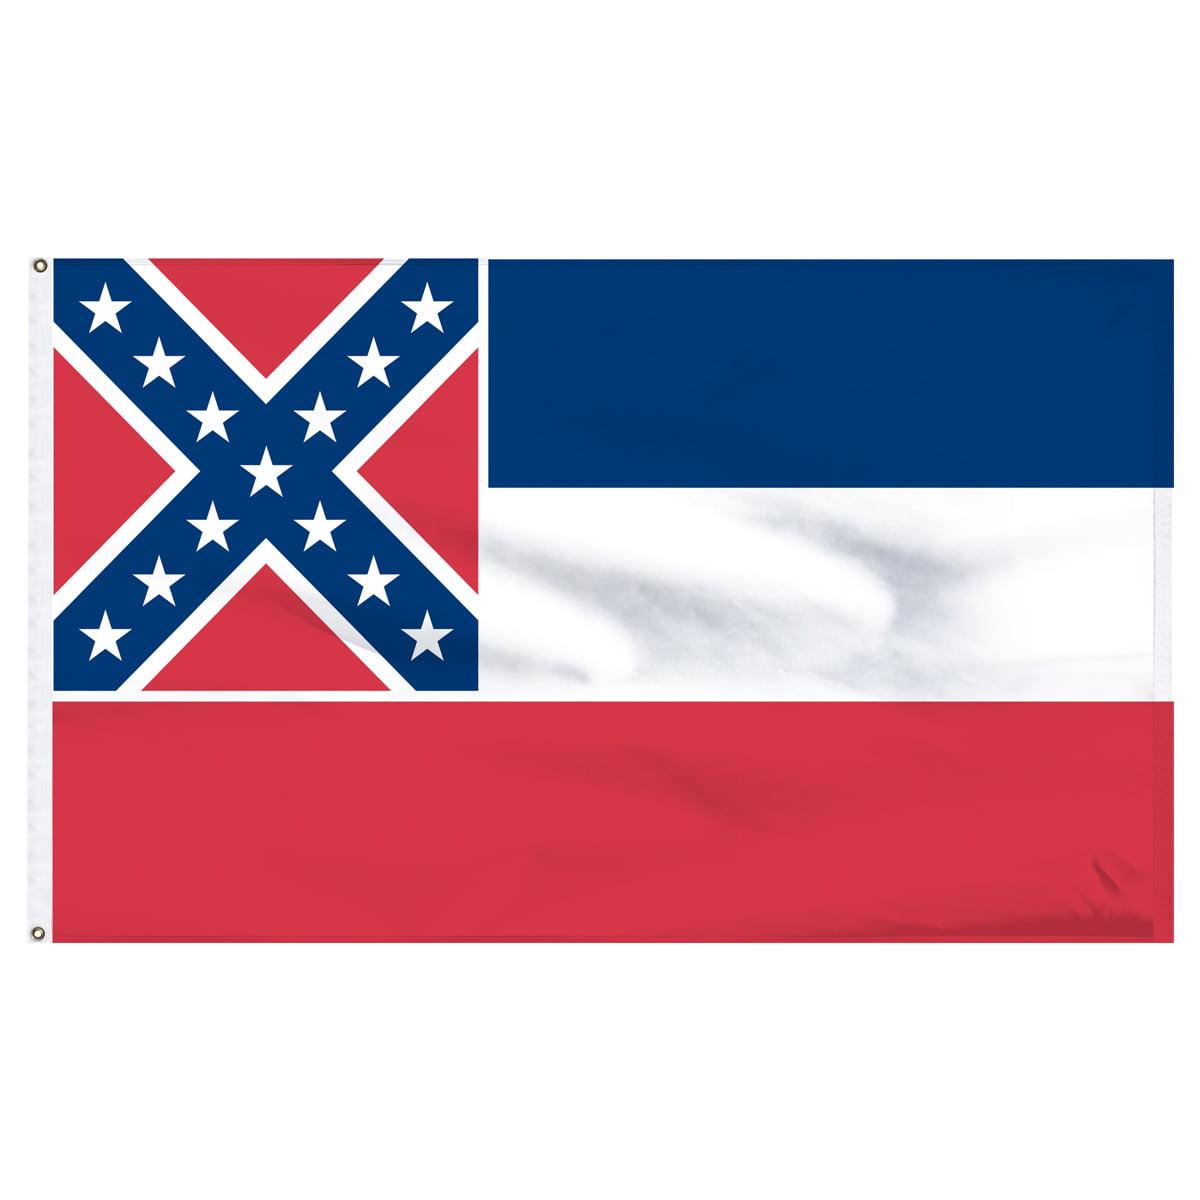 Mississippi 3x5ft Nylon Flag with Pole Hem Only - Banner